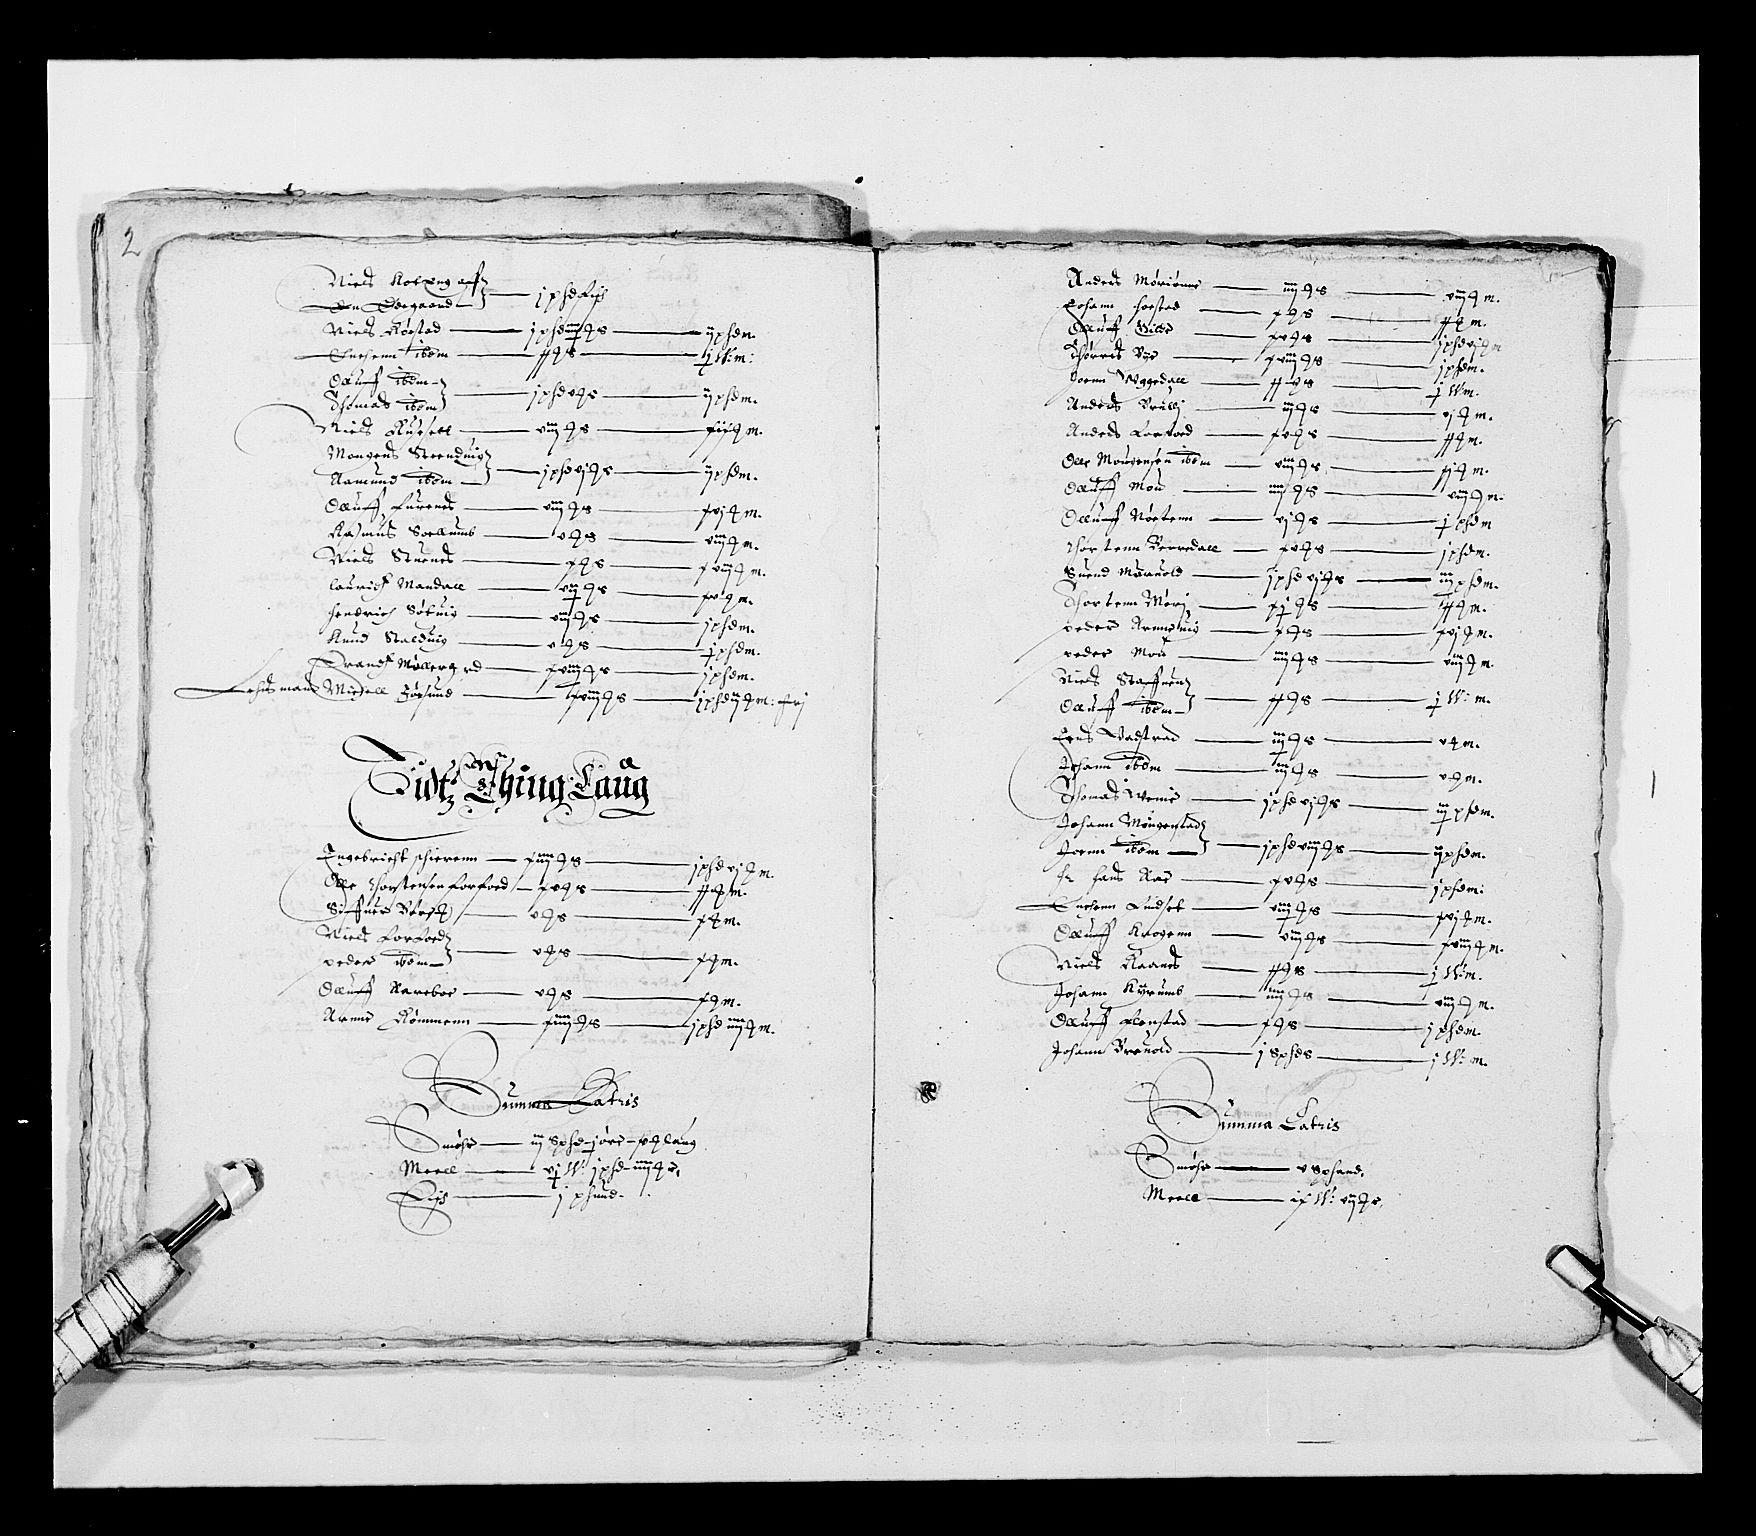 RA, Stattholderembetet 1572-1771, Ek/L0028: Jordebøker 1633-1658:, 1645-1646, s. 58